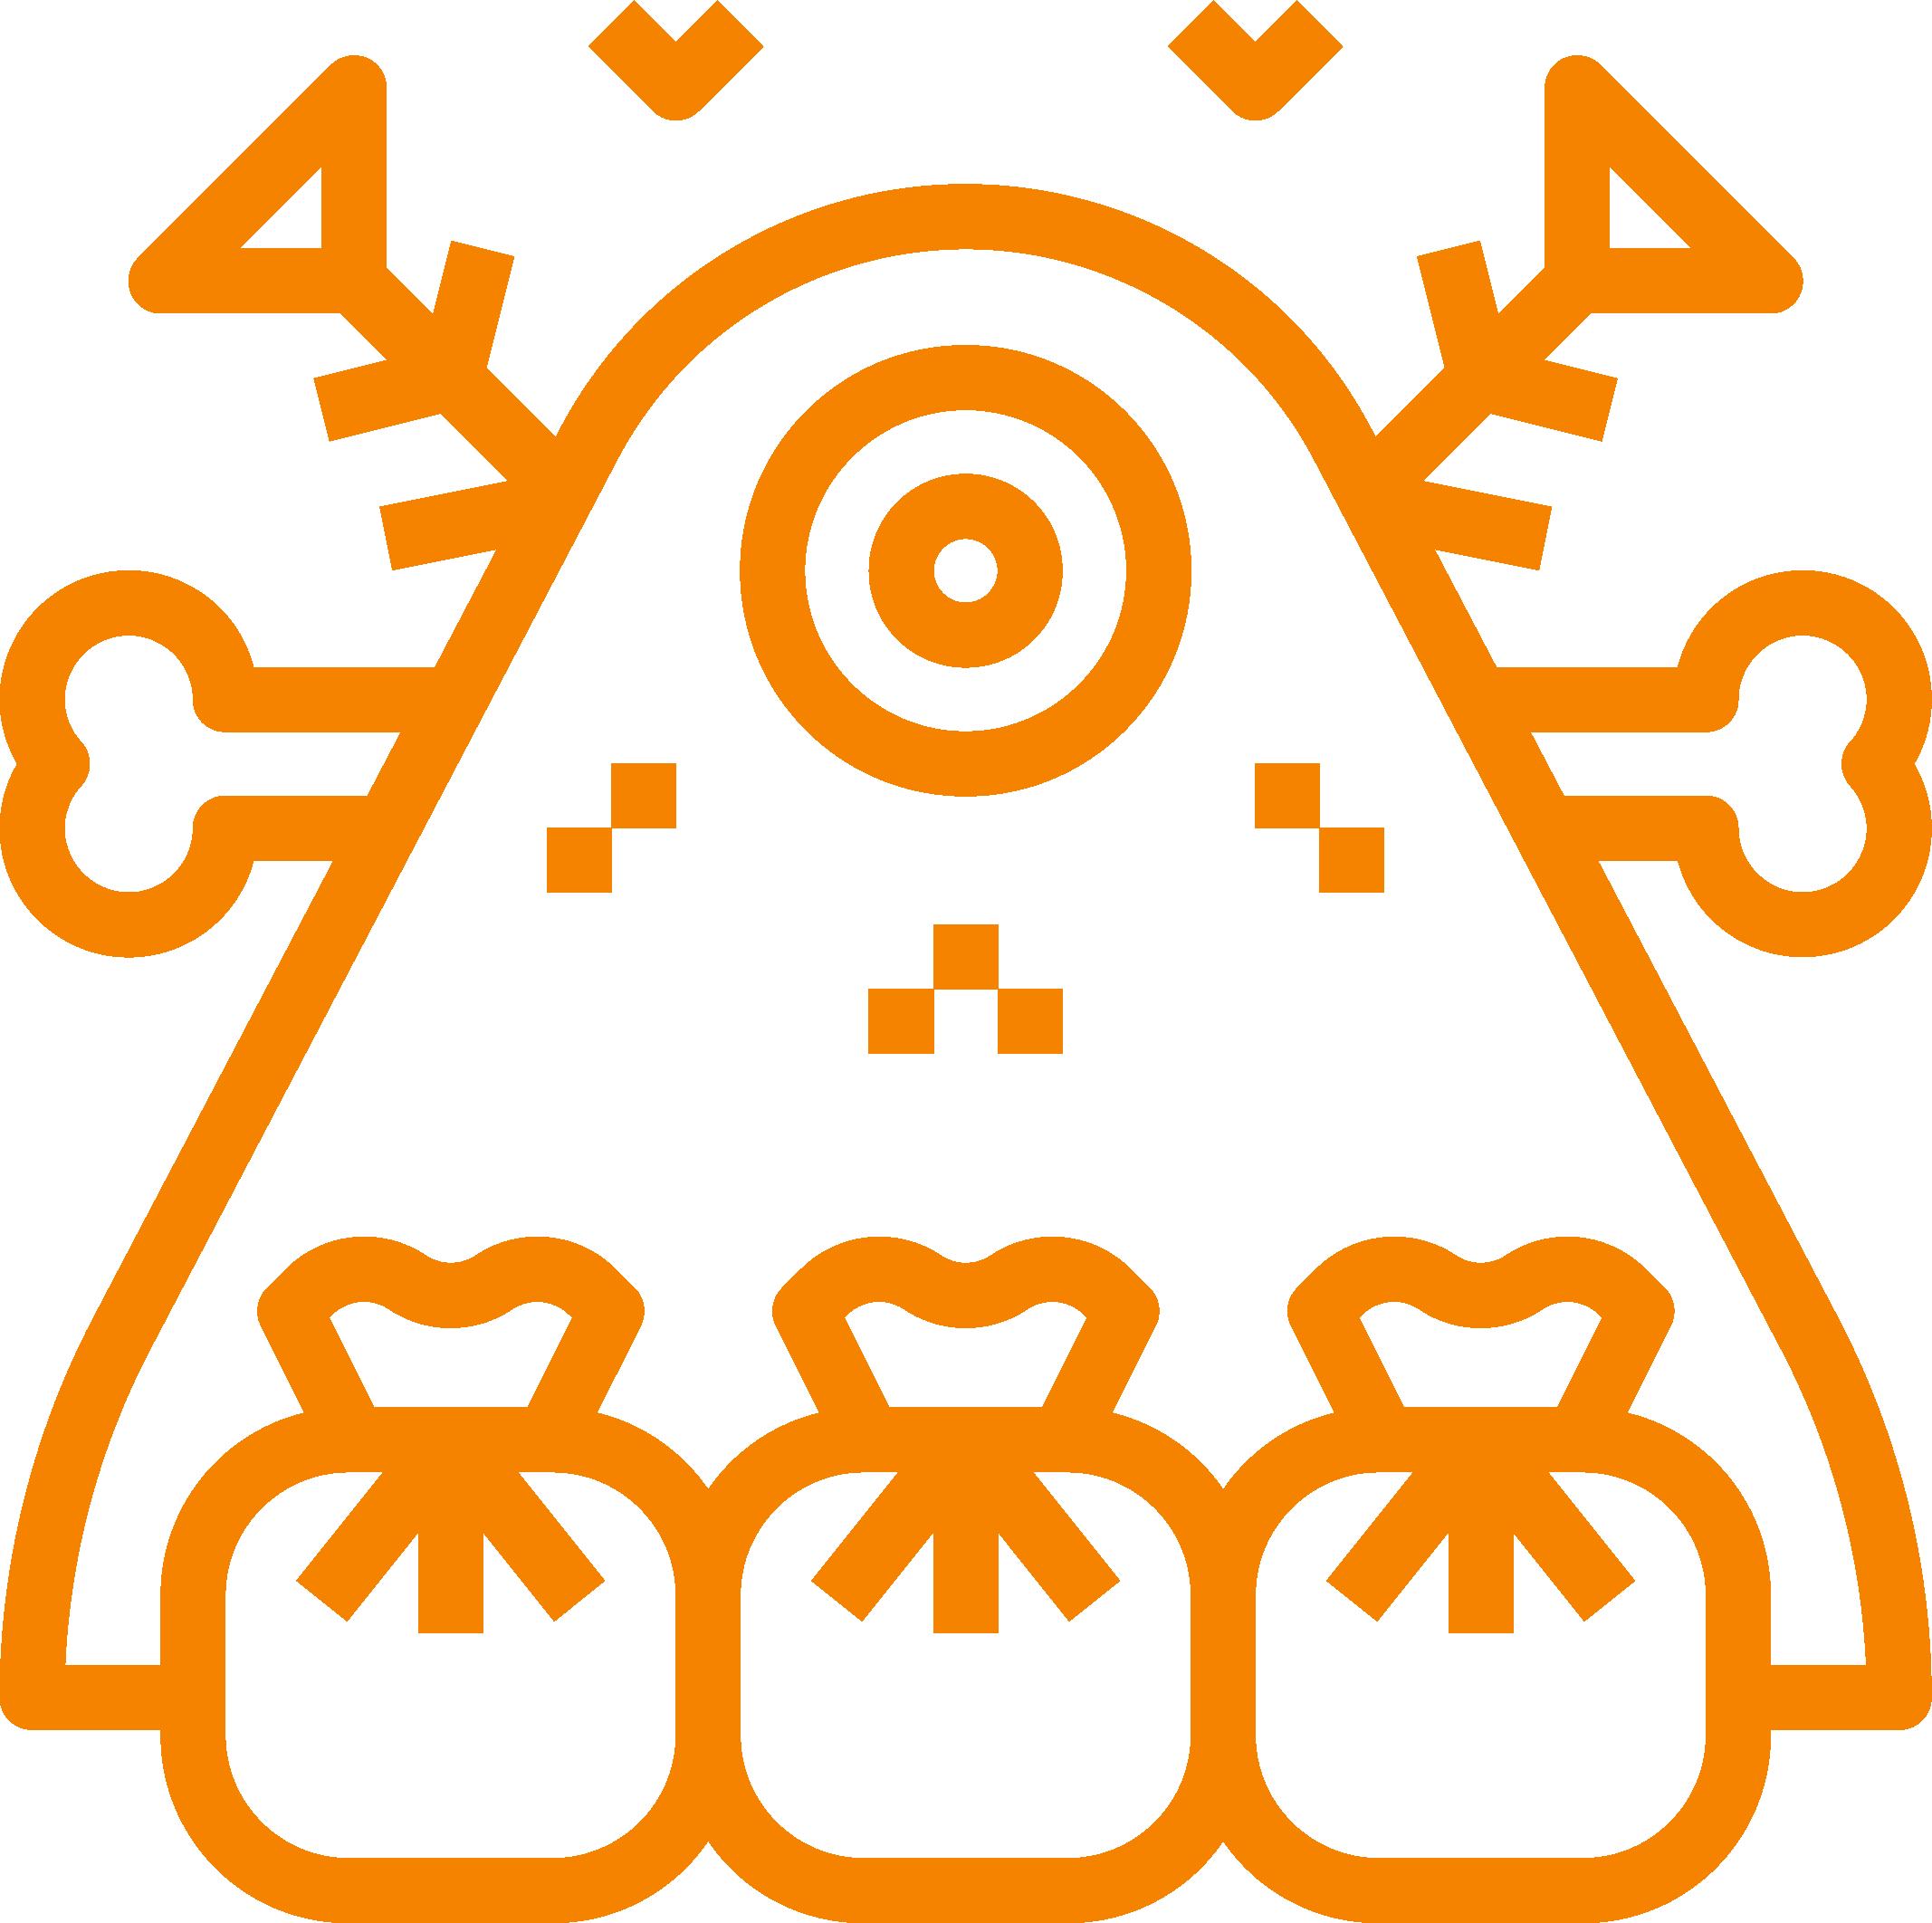 junk icon